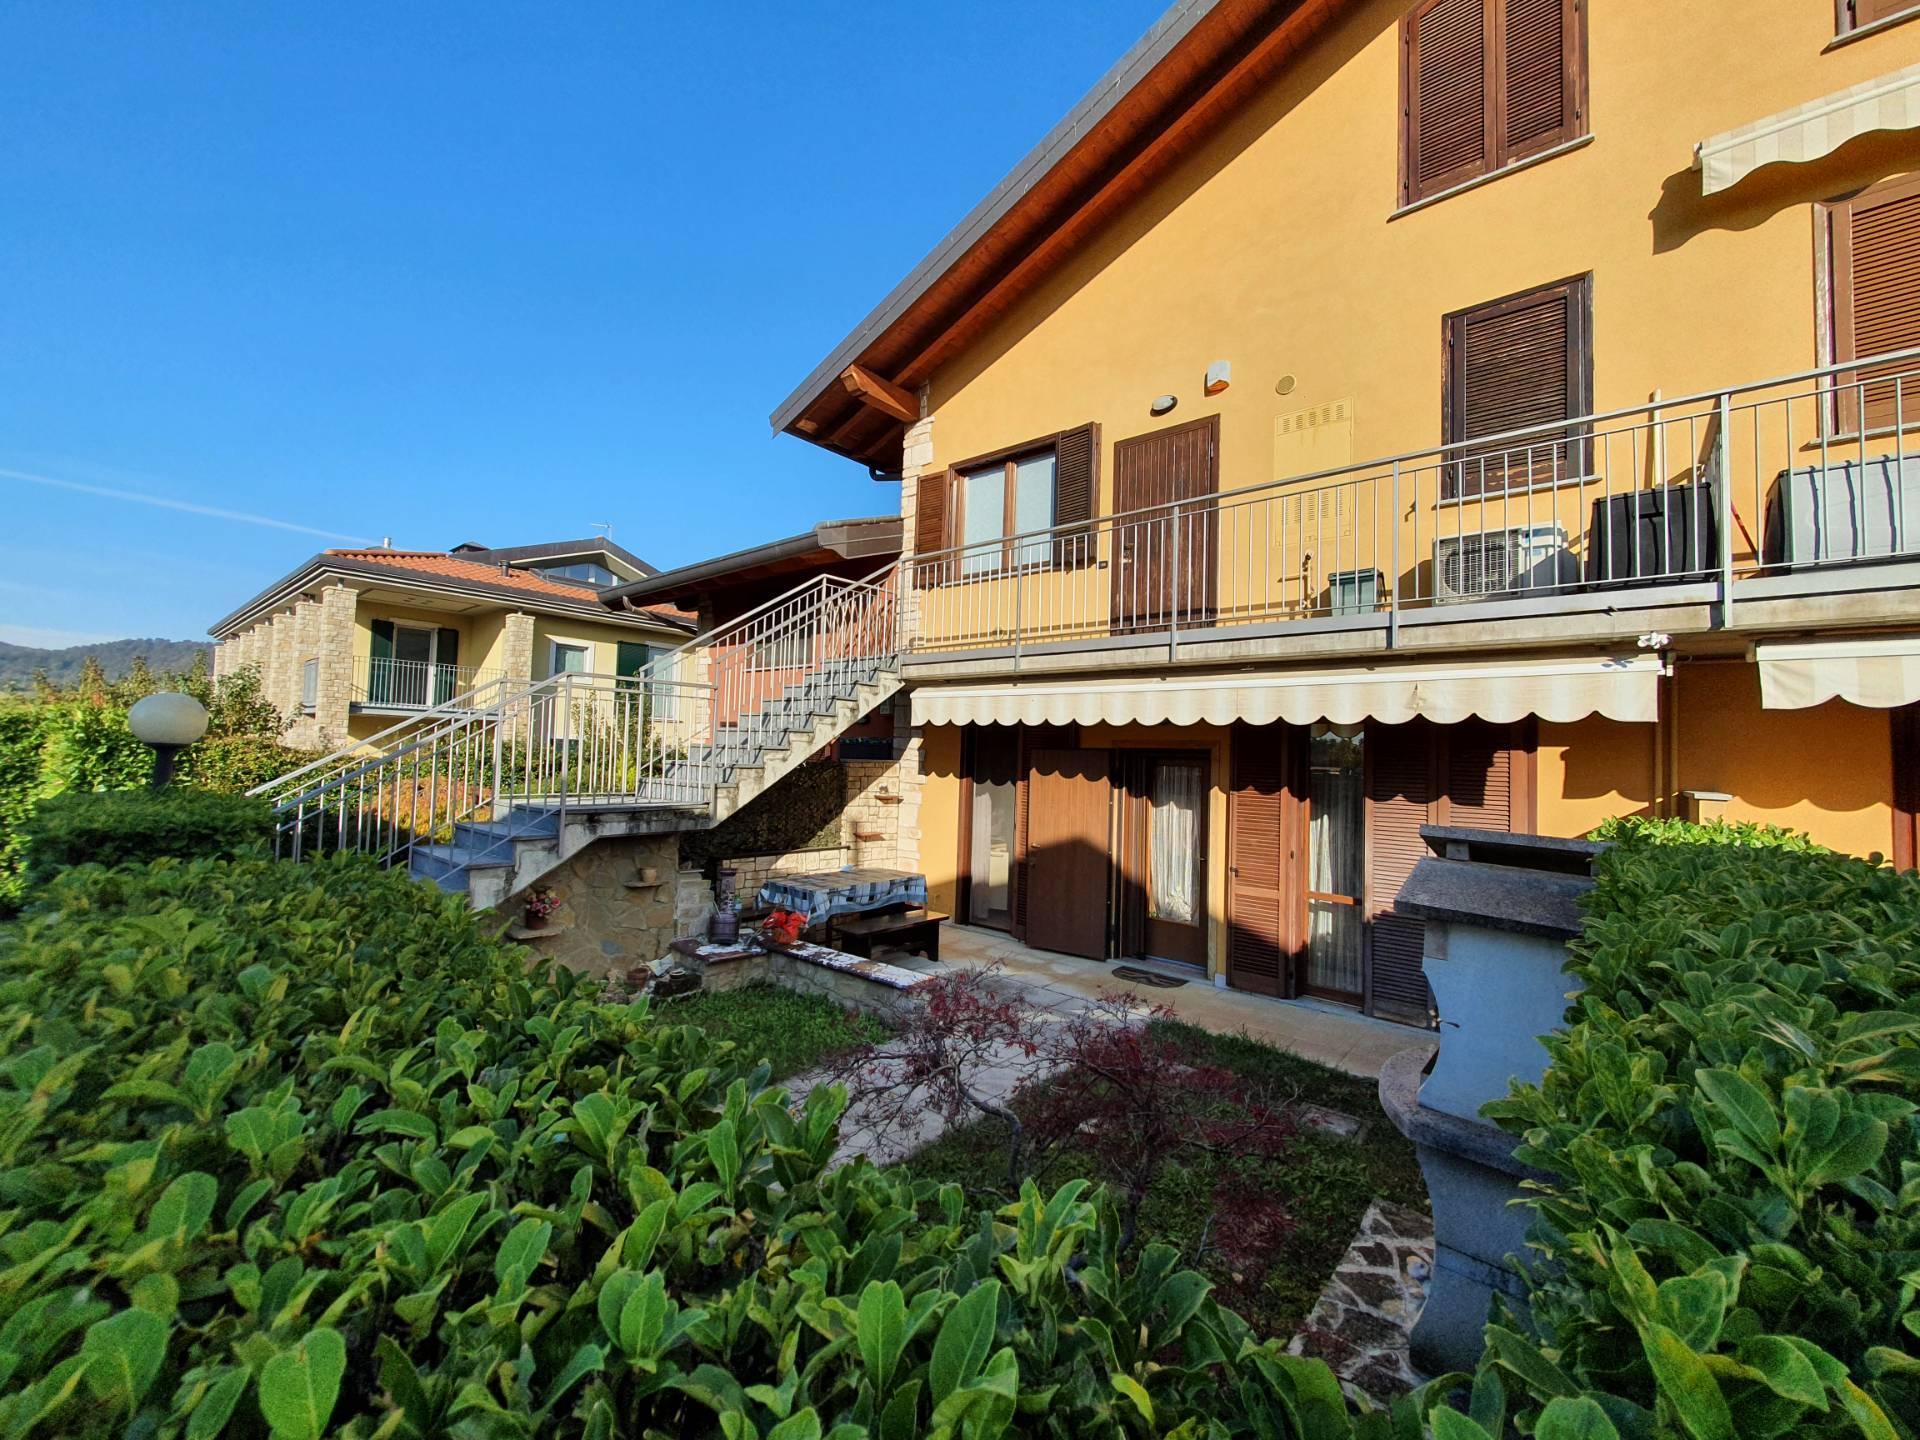 Appartamento in vendita a San Paolo d'Argon, 3 locali, prezzo € 185.000 | CambioCasa.it